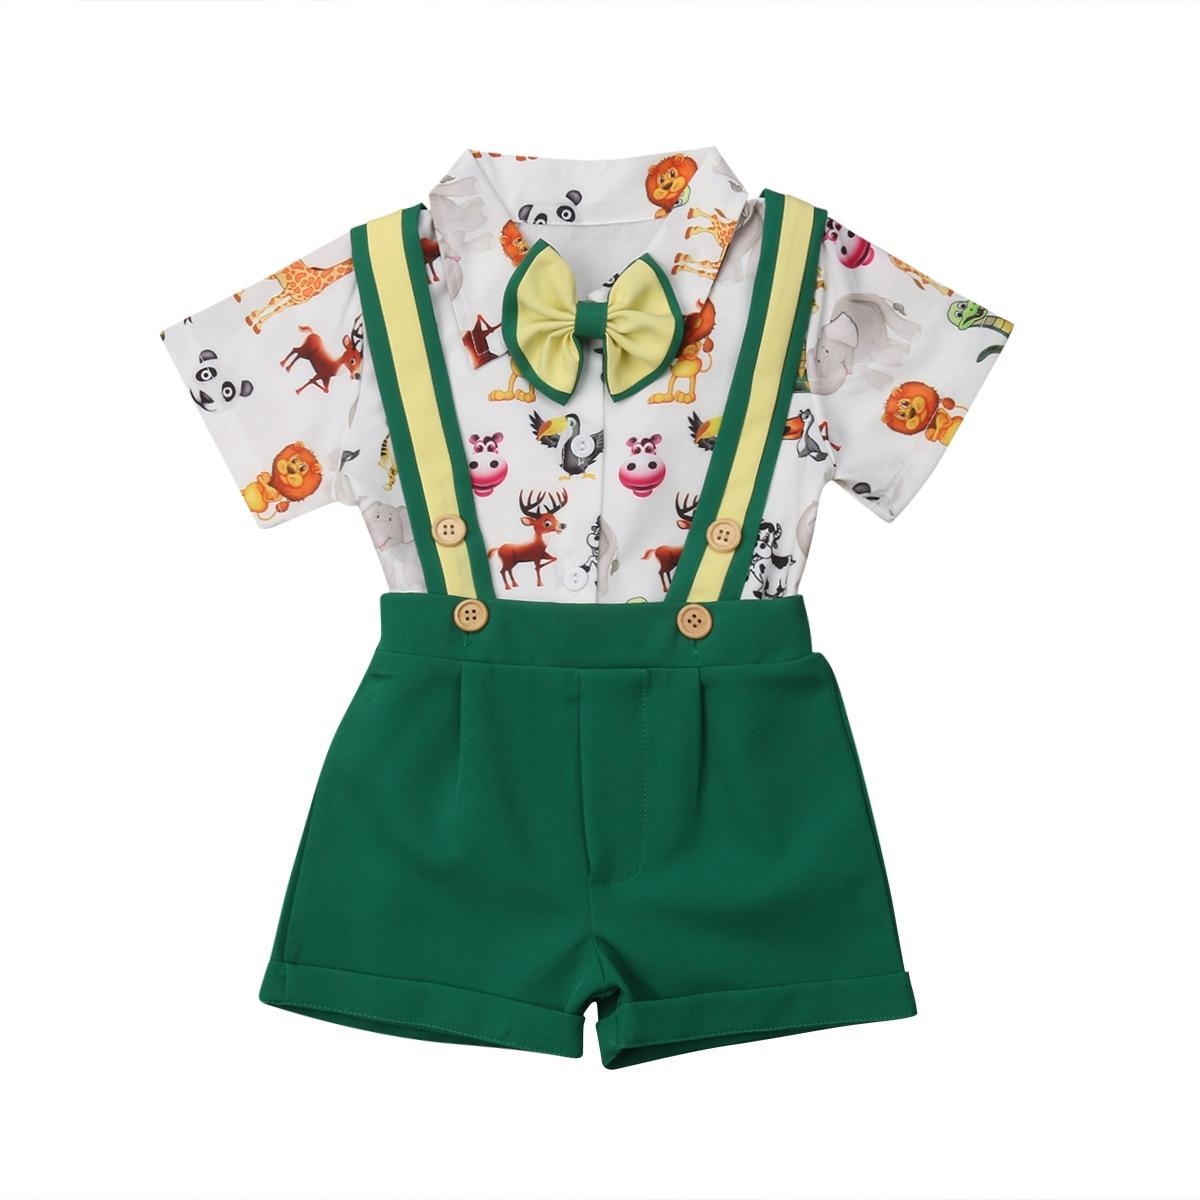 678fe9767 Niño niños conjuntos de ropa traje Formal traje camiseta tirantes  pantalones cortos de algodón trajes conjunto niño de 6 m-5 T